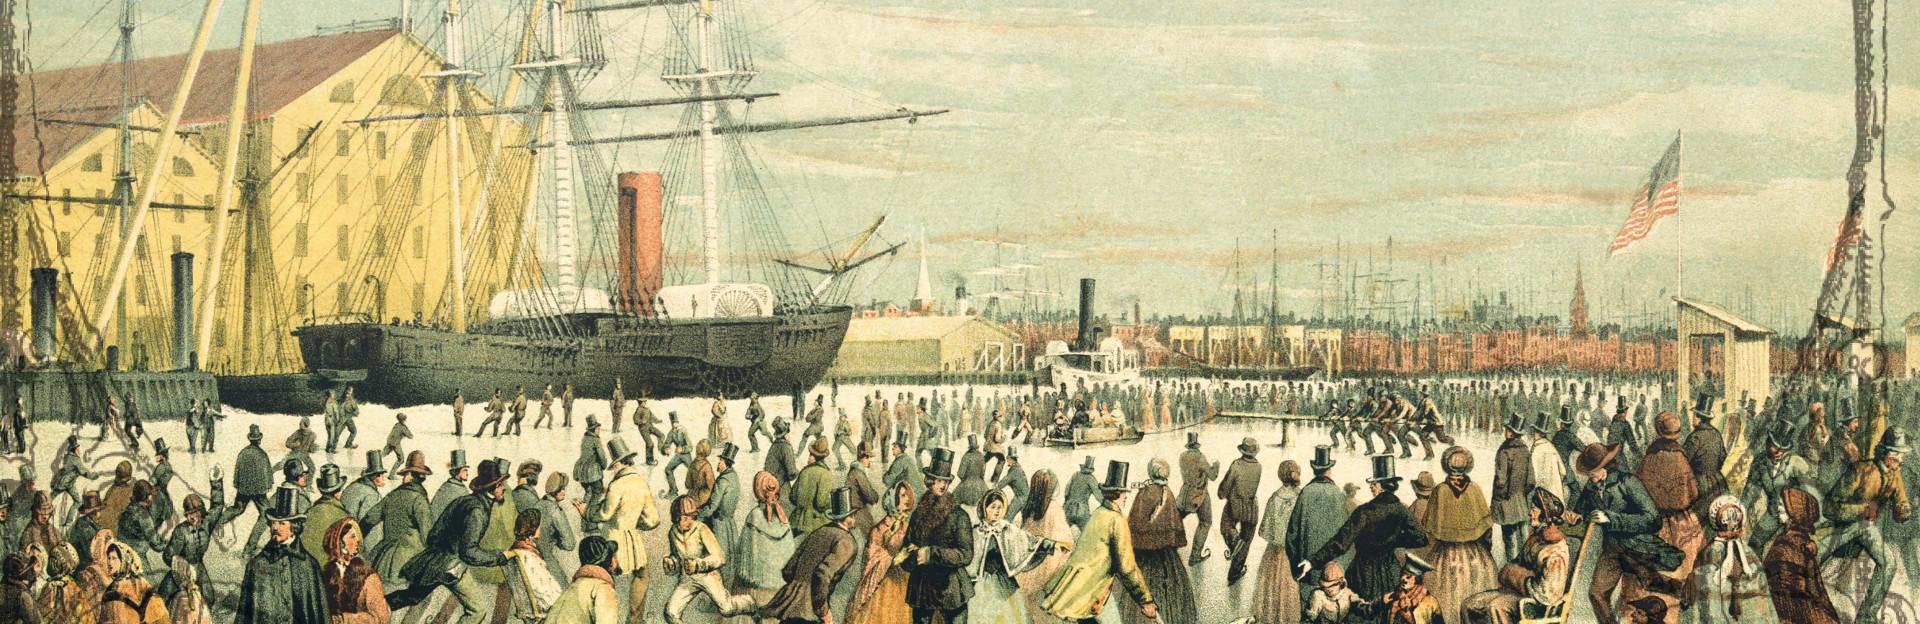 Philadelphia waterfront historical aduio tour